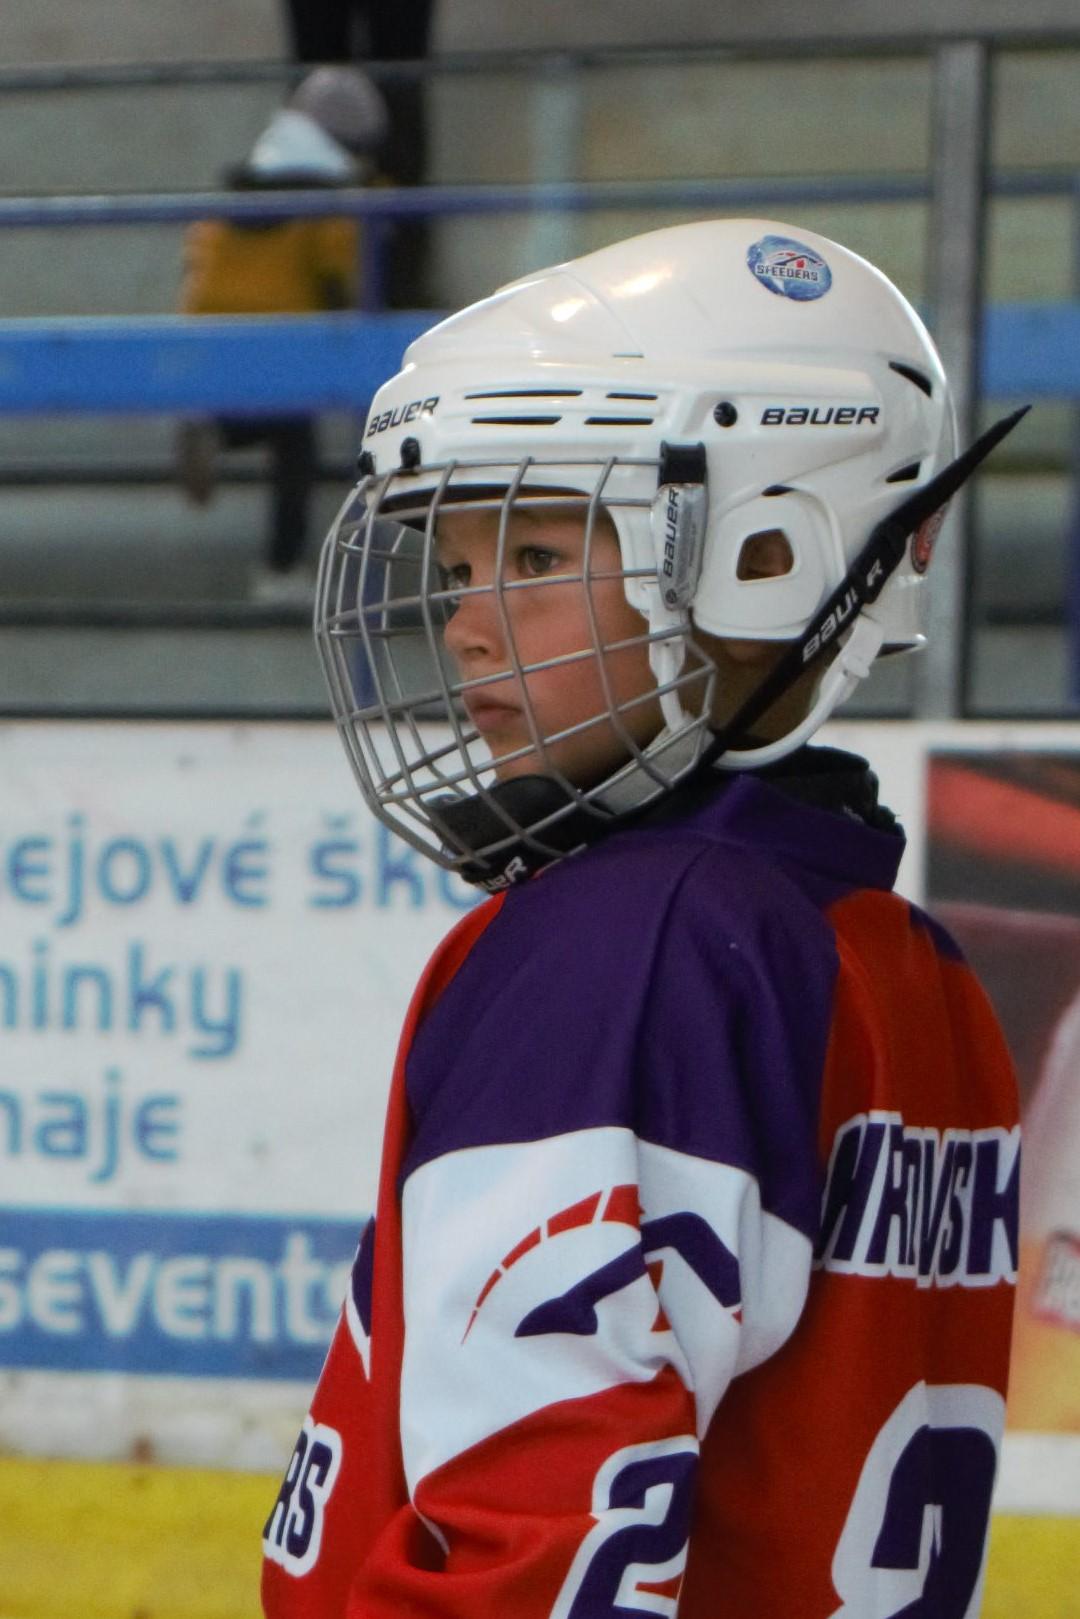 hokej turnaj Nymburk Speeders Bratislava42